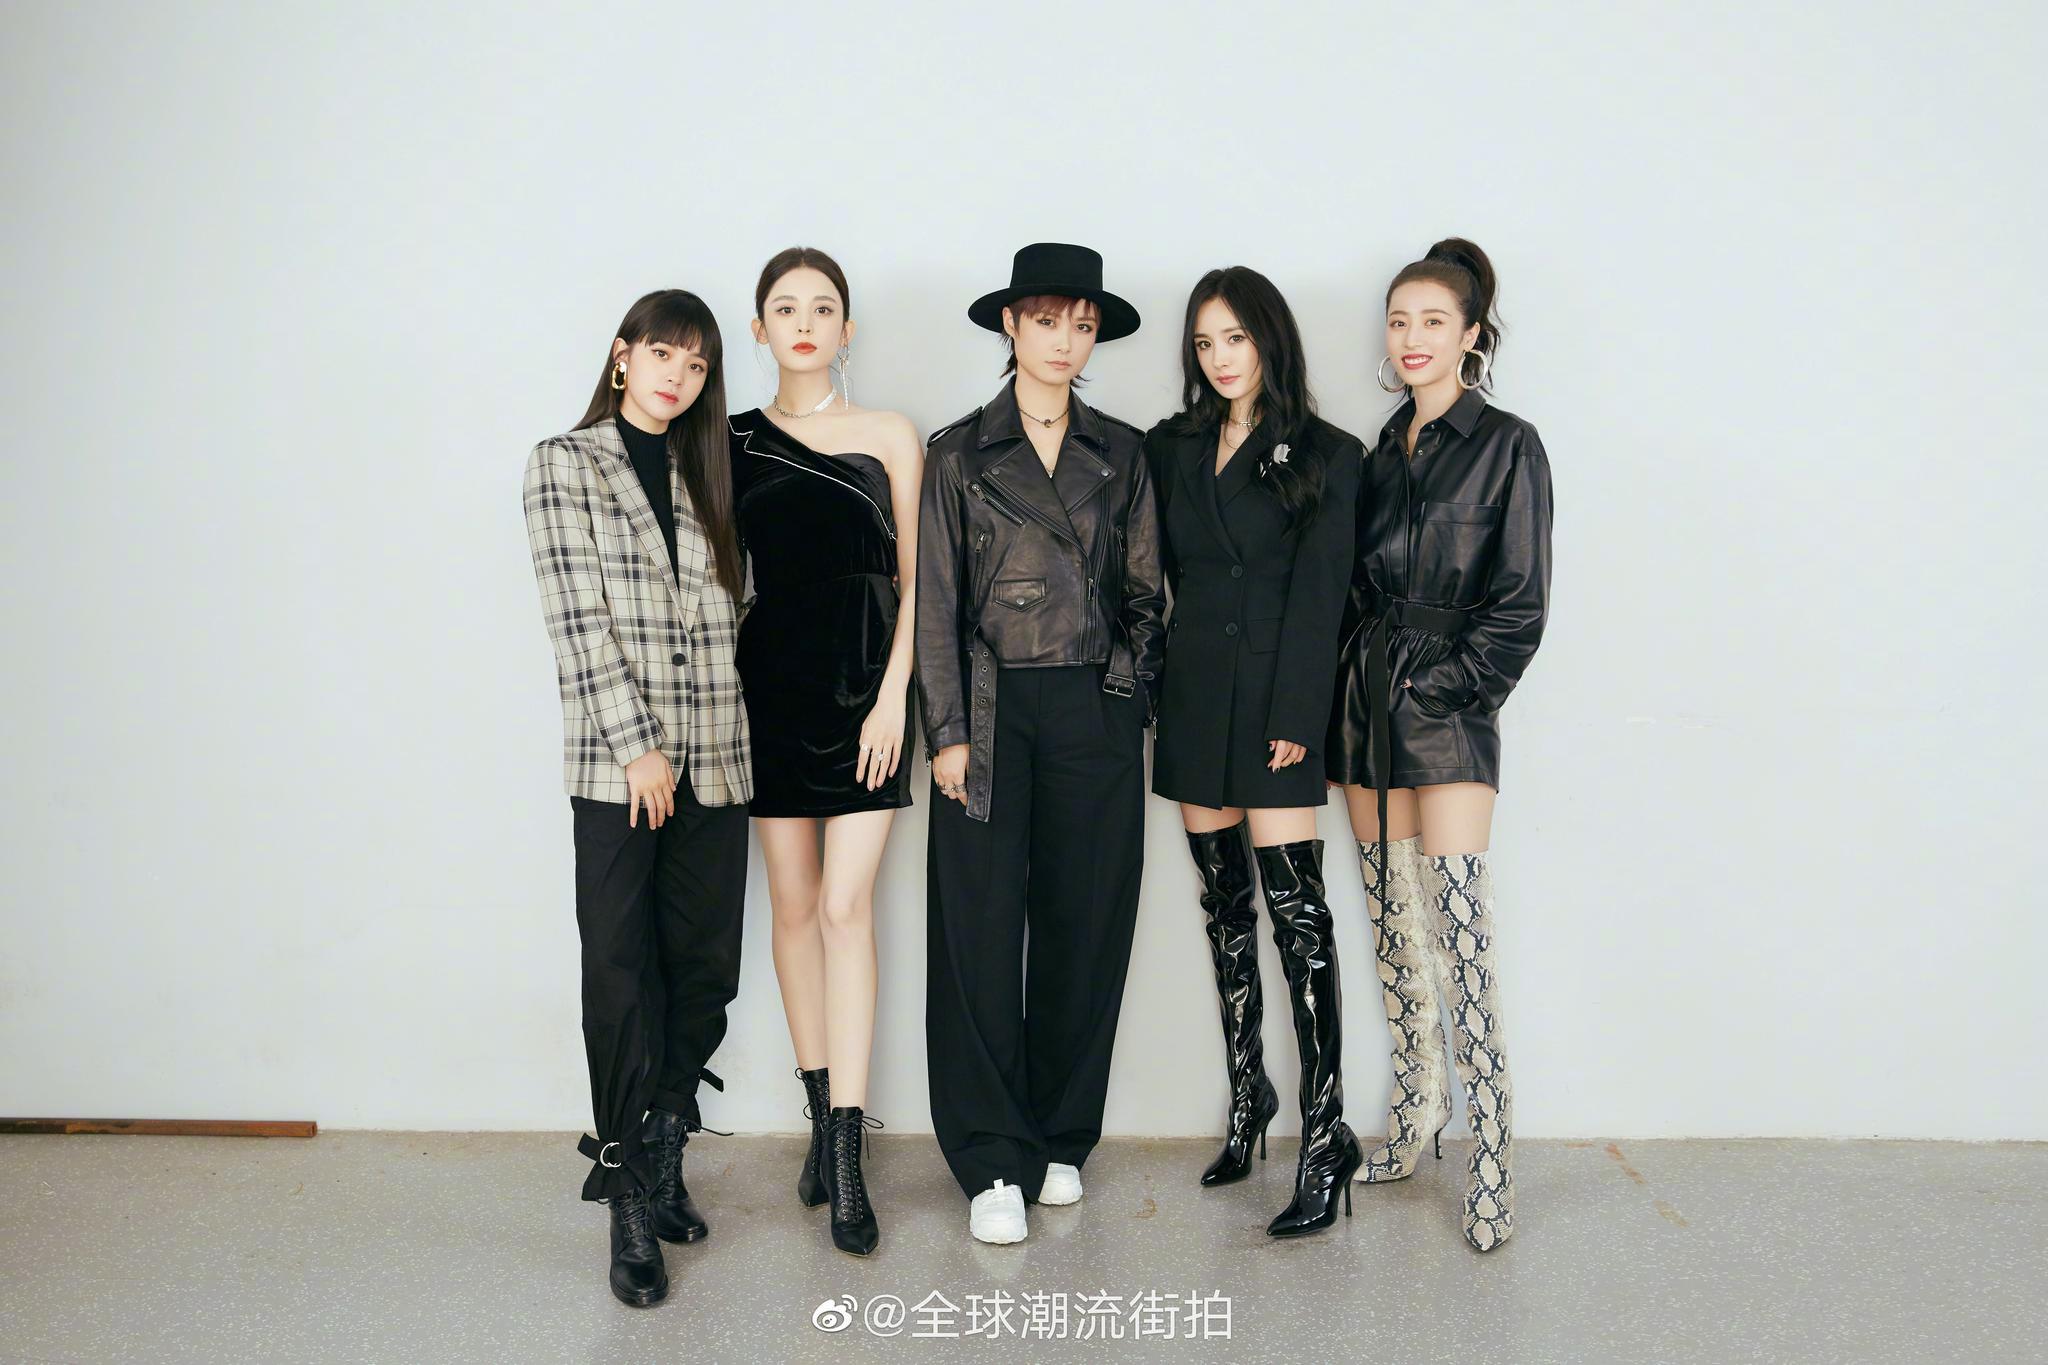 欧阳娜娜、古力娜扎、李宇春、杨幂、周雨彤出席时尚活动